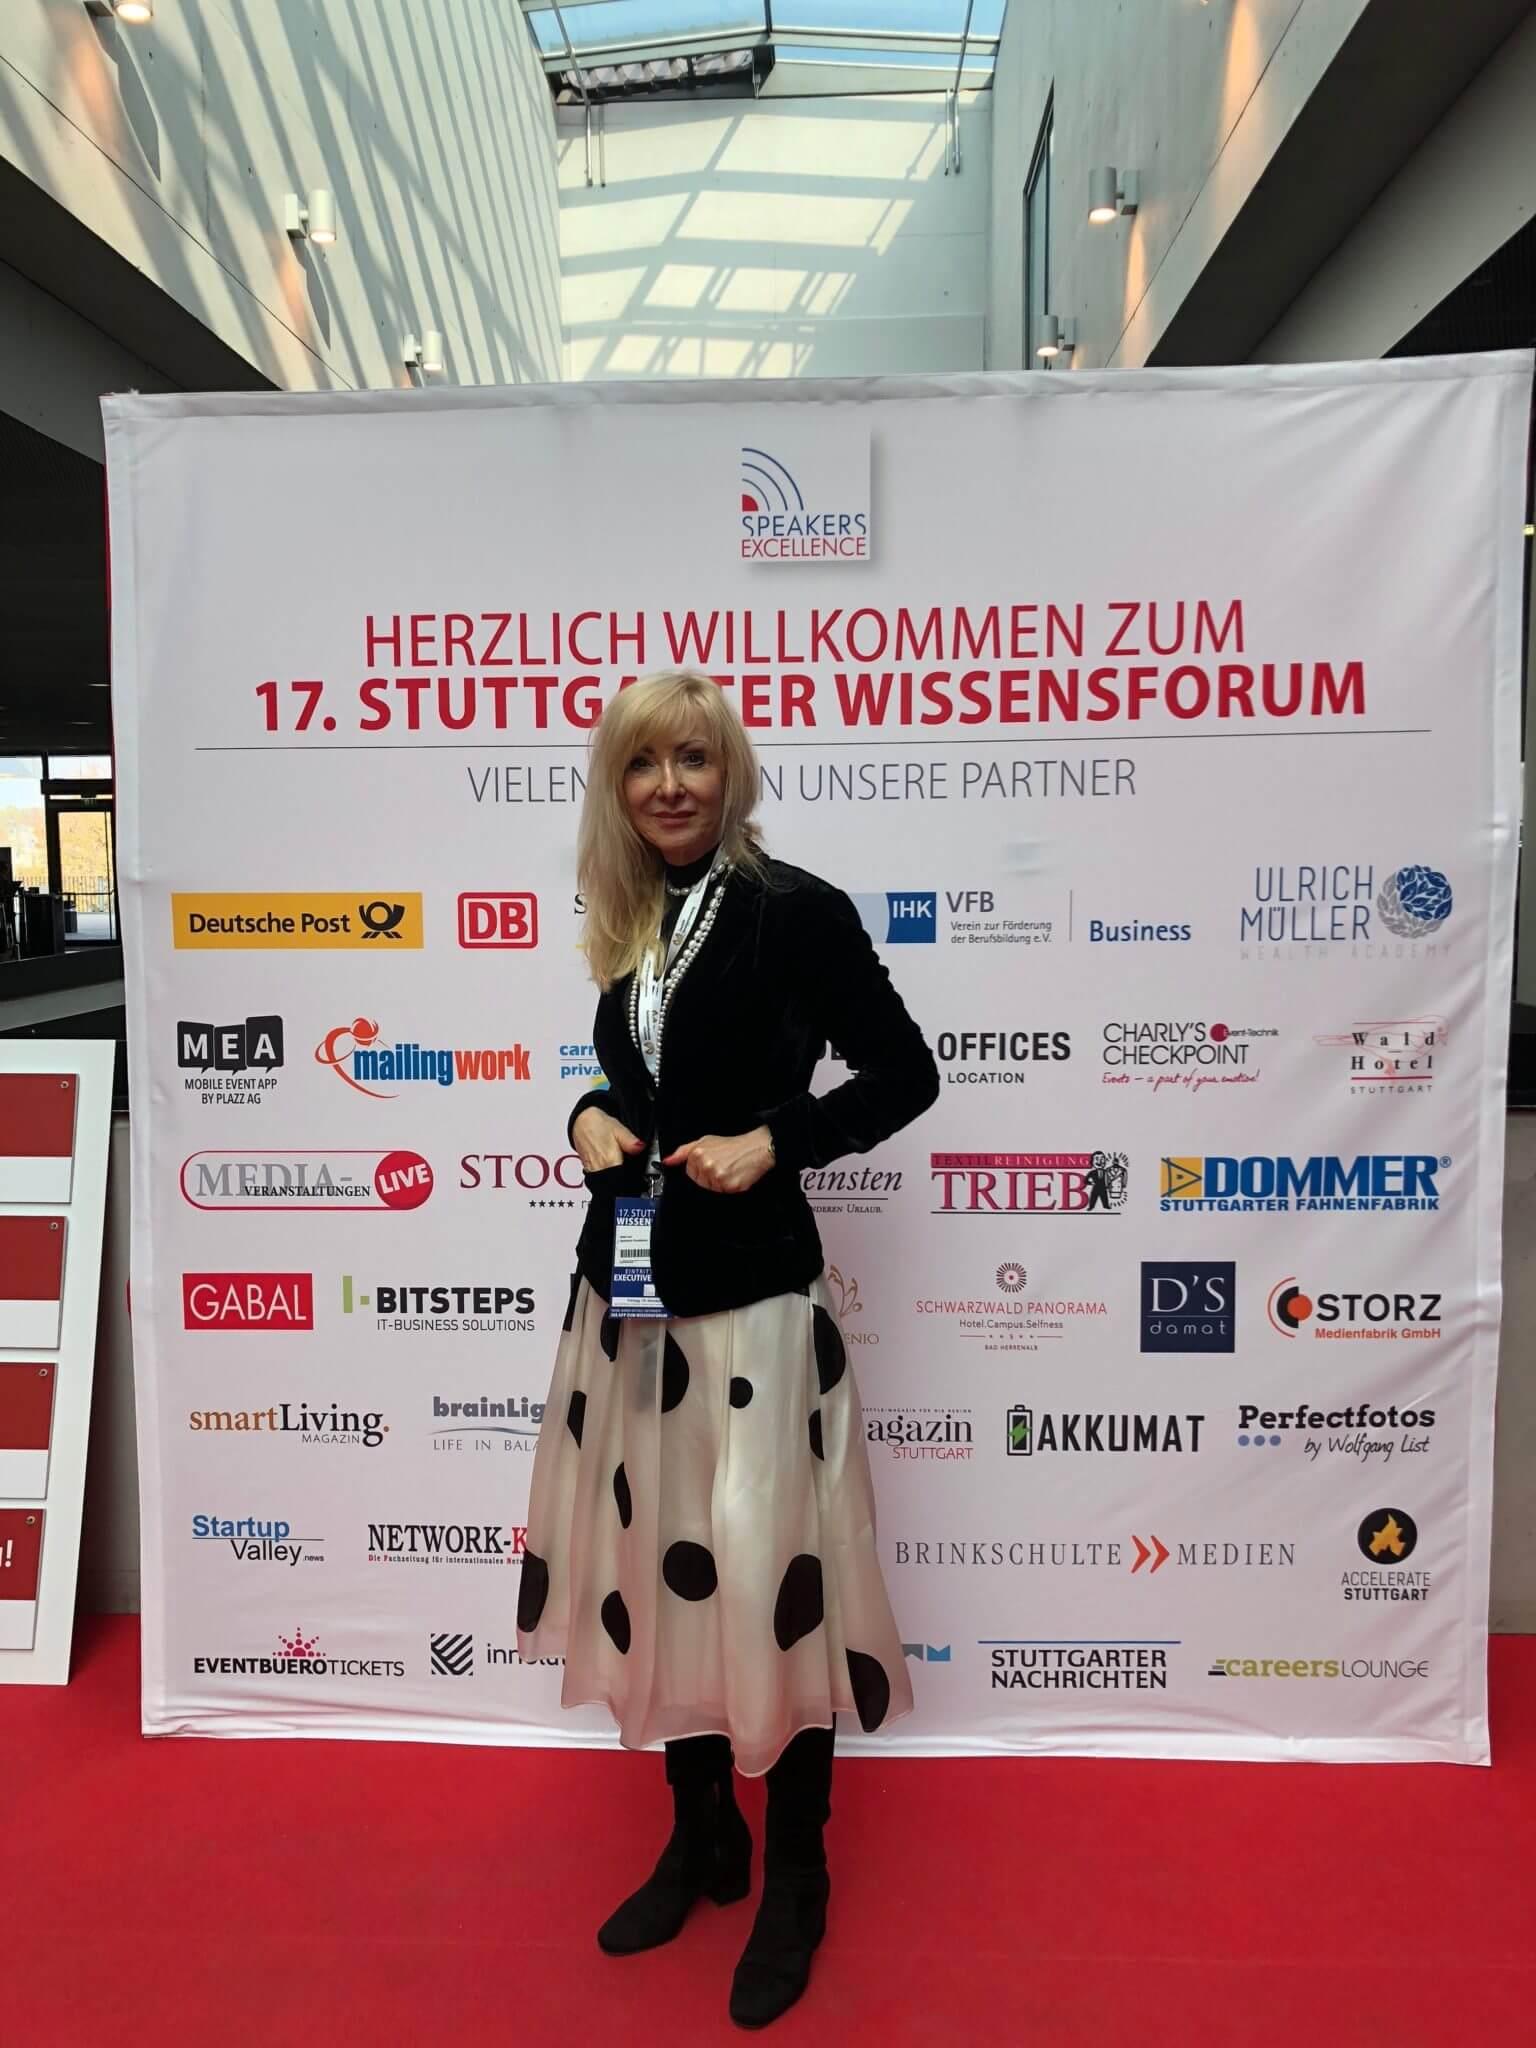 Christel Schlegel fotografiert zum 17. Stuttgarter Wissensforum